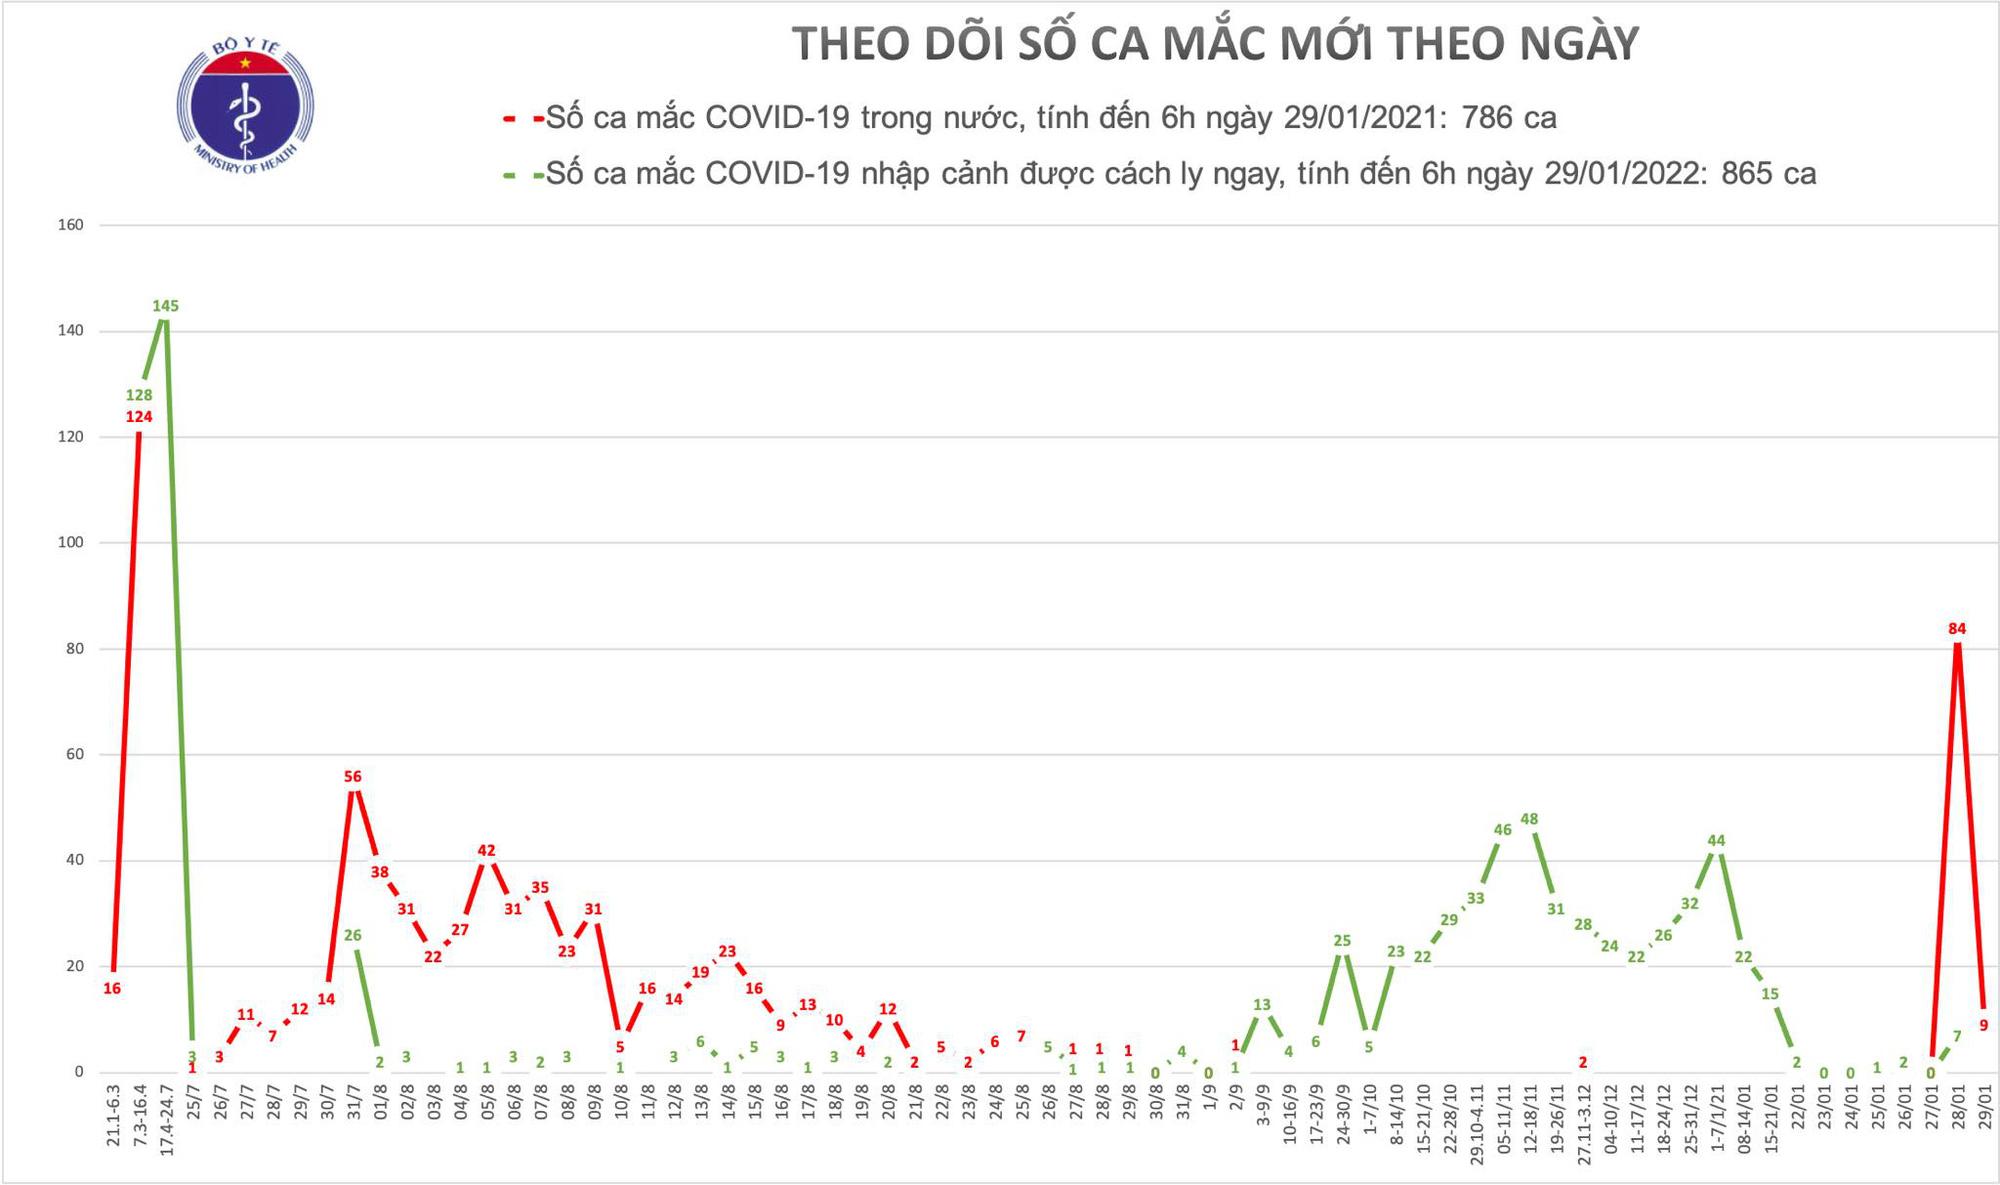 Thêm 9 ca Covid-19 trong cộng đồng, liên quan đến bệnh nhân ở Hải Dương, Quảng Ninh - Ảnh 1.